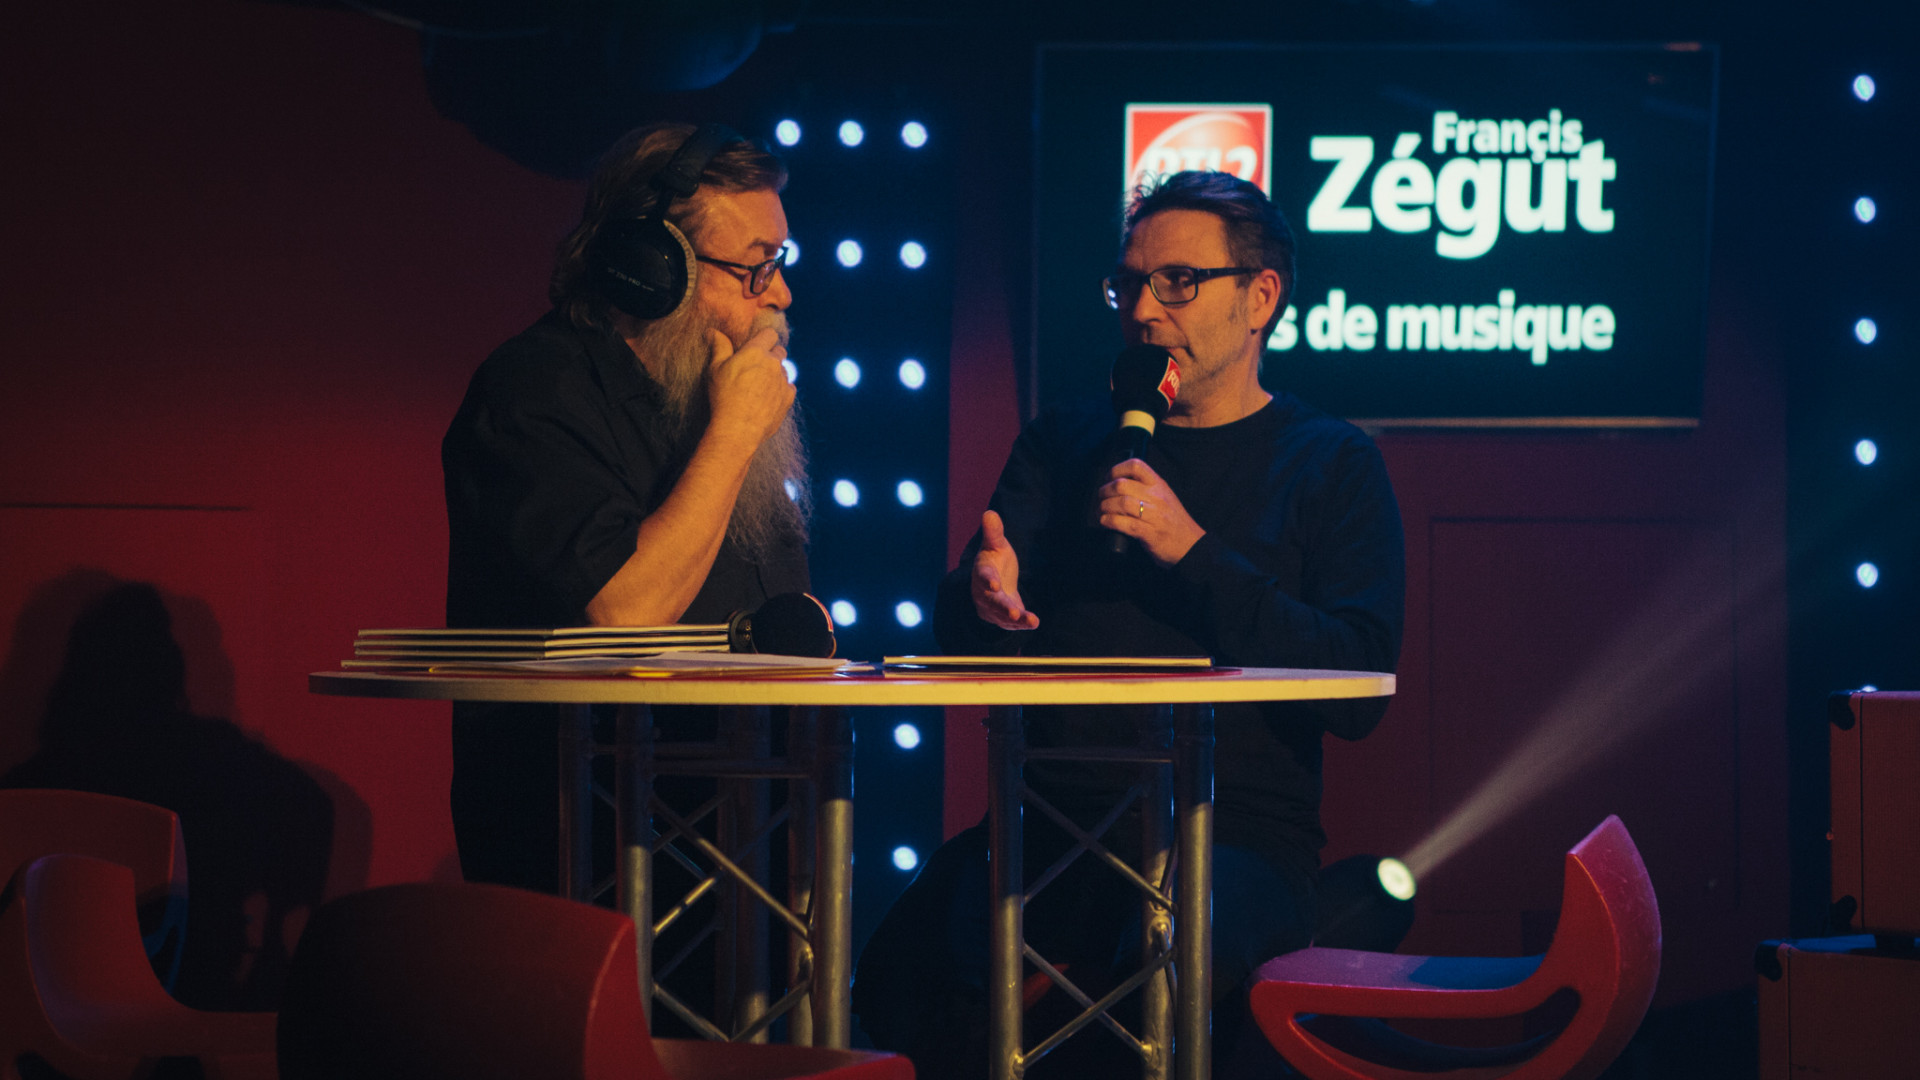 Francis Zégut et David Dutreuil du label Warner